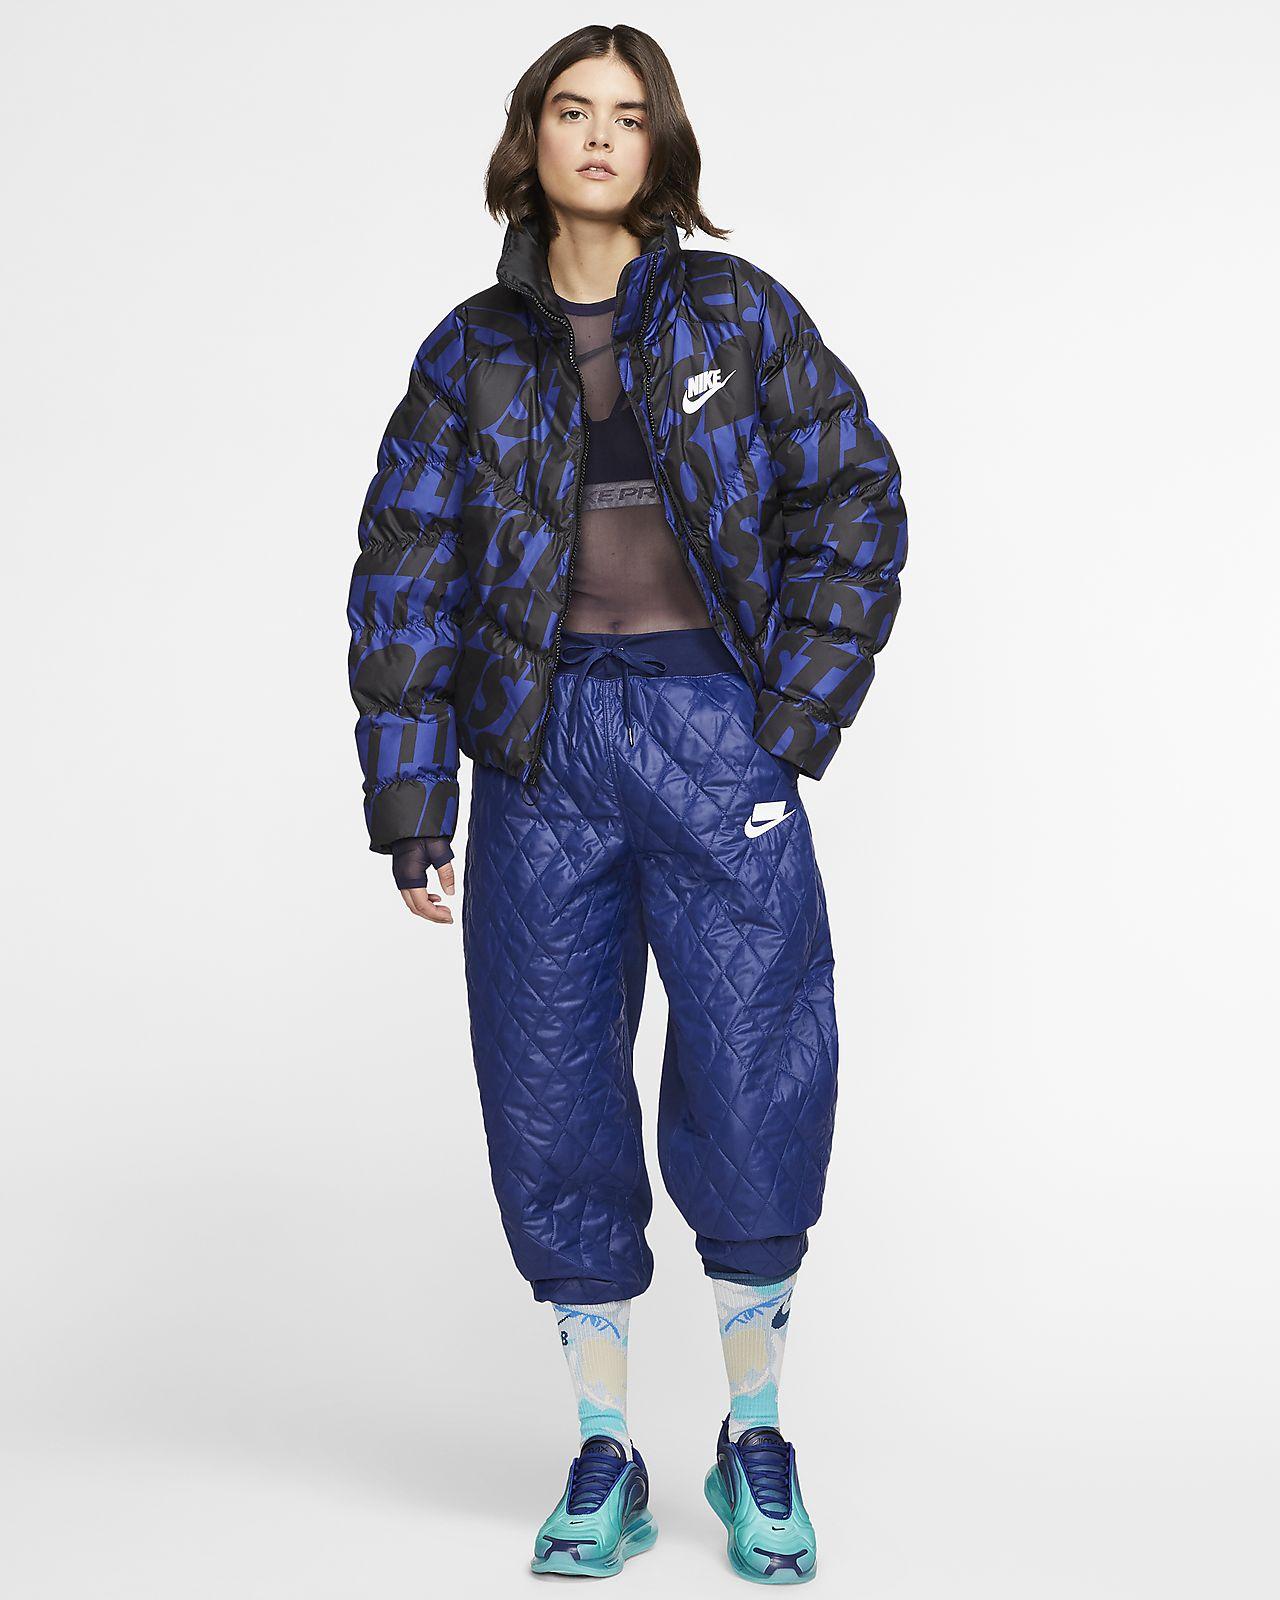 Nike Sportswear JDI Synthetic Fill Printed Jacket